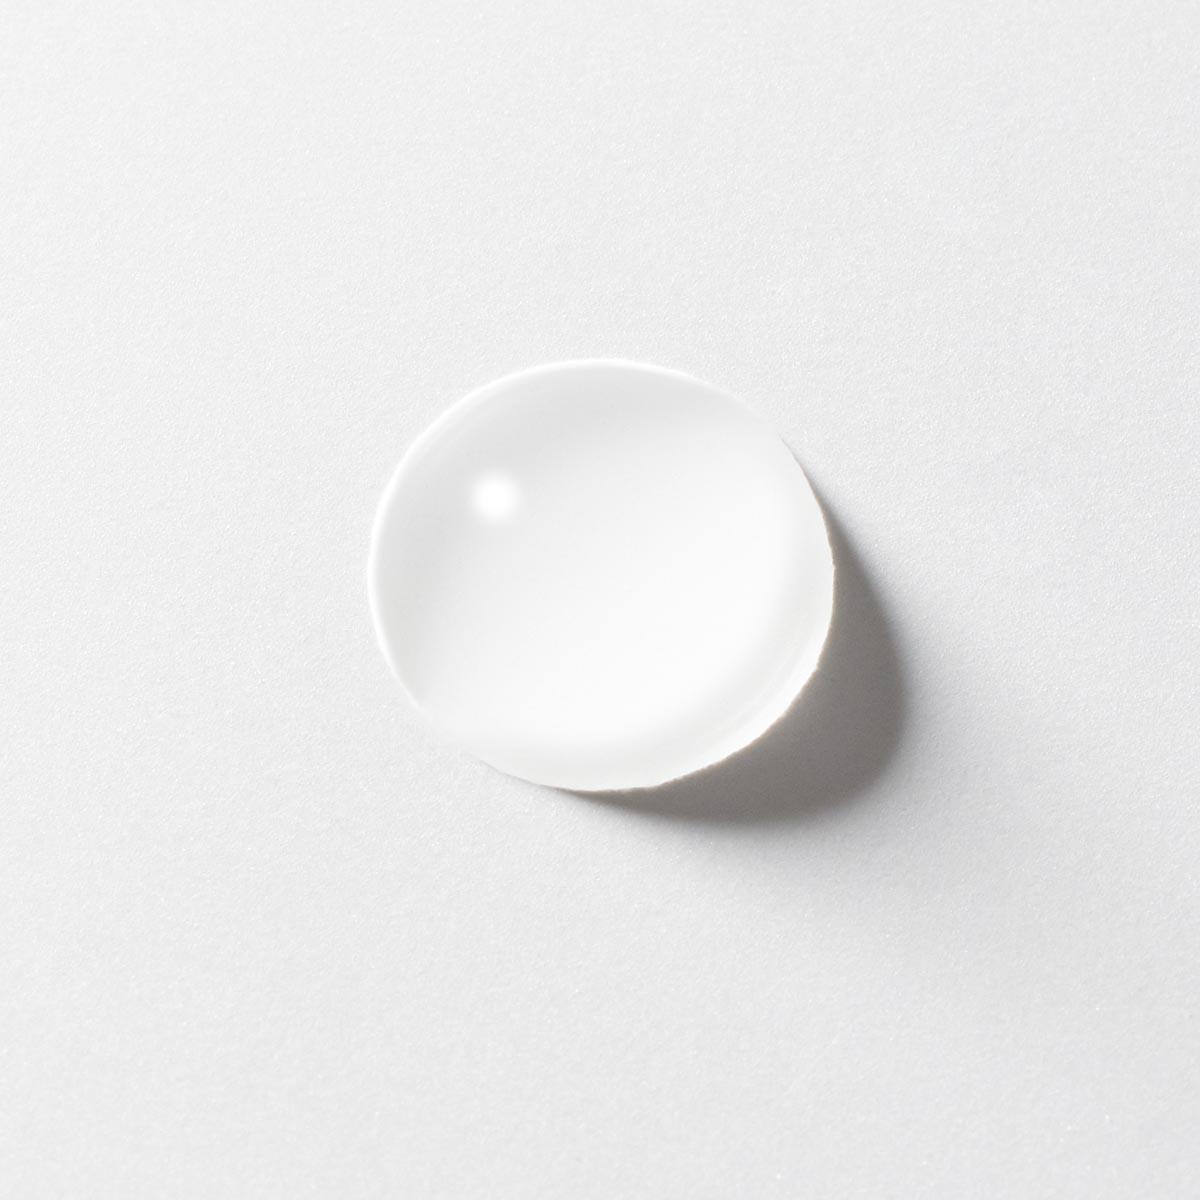 【無印良品公式】薬用美白ボディローション200ml